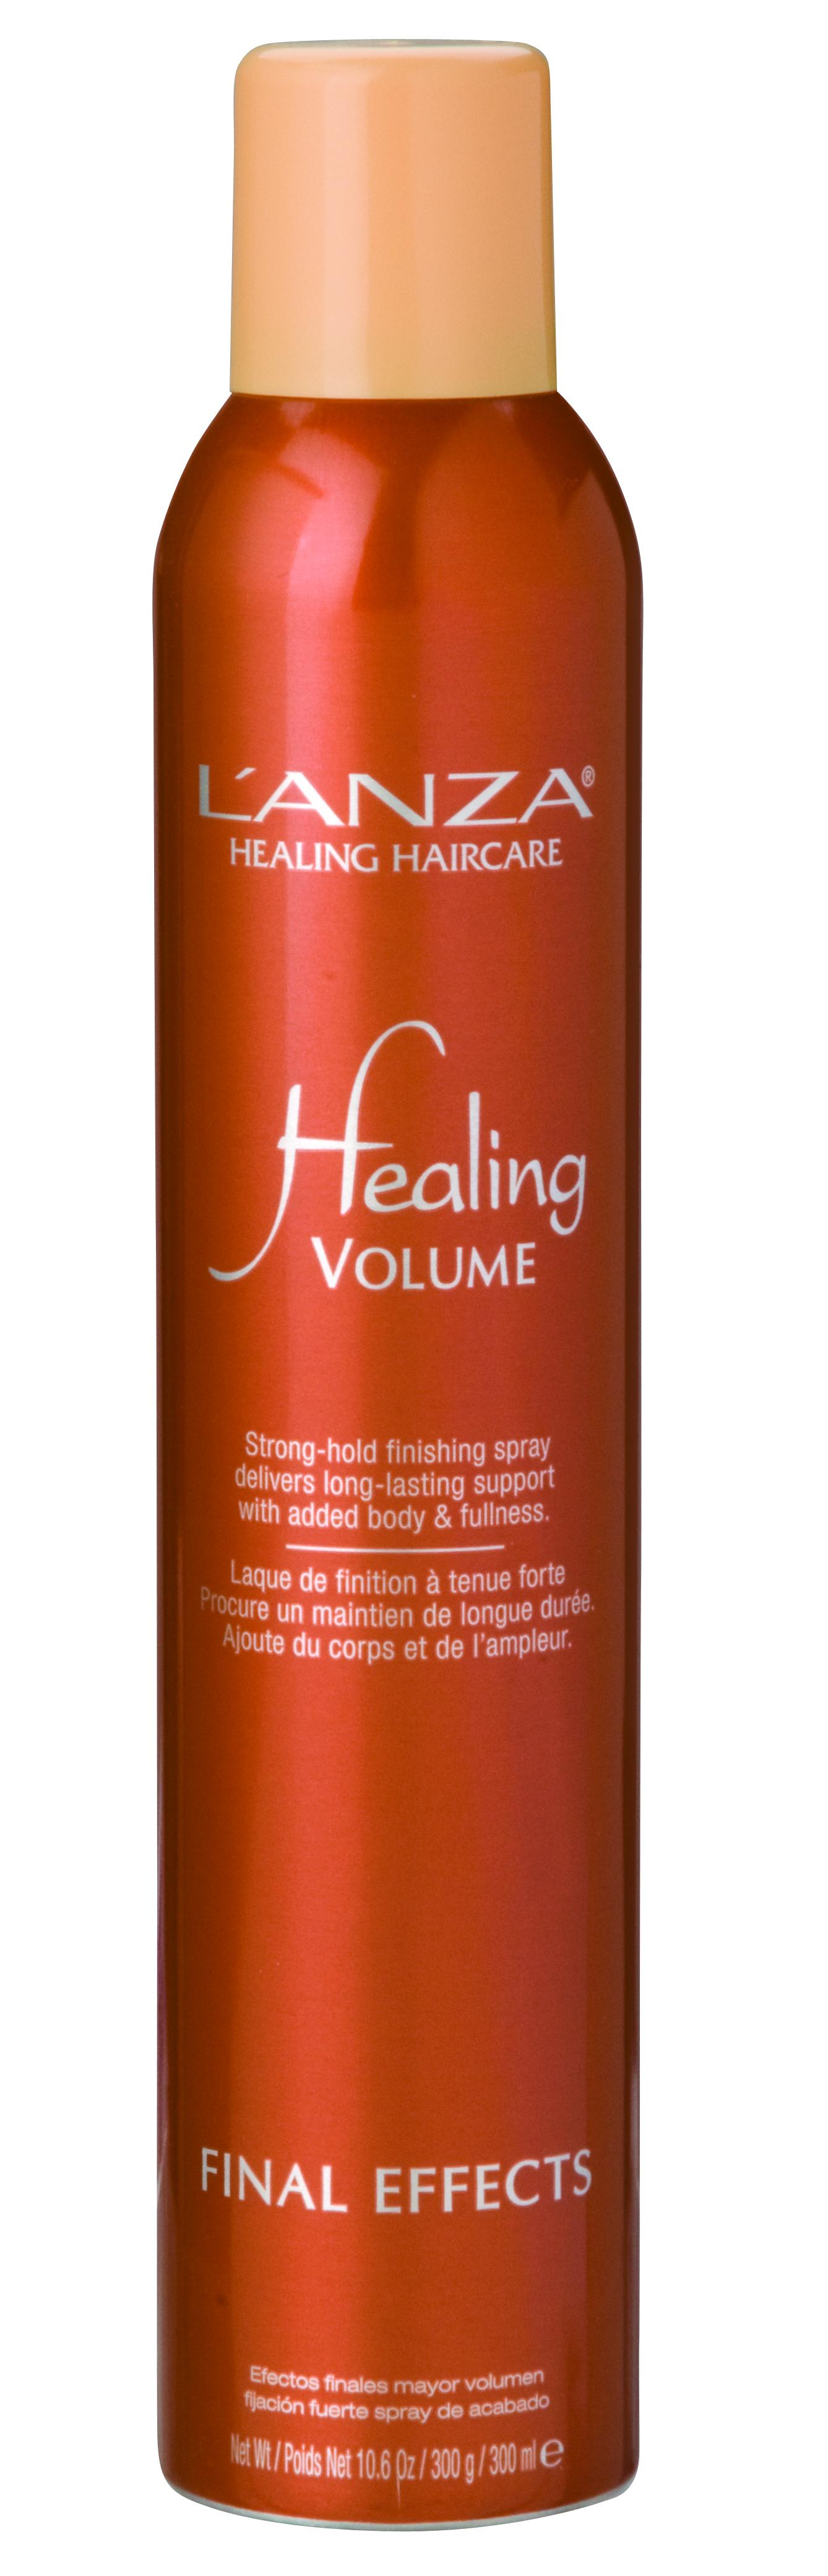 Lanza Healing Volume Final Effects 300g